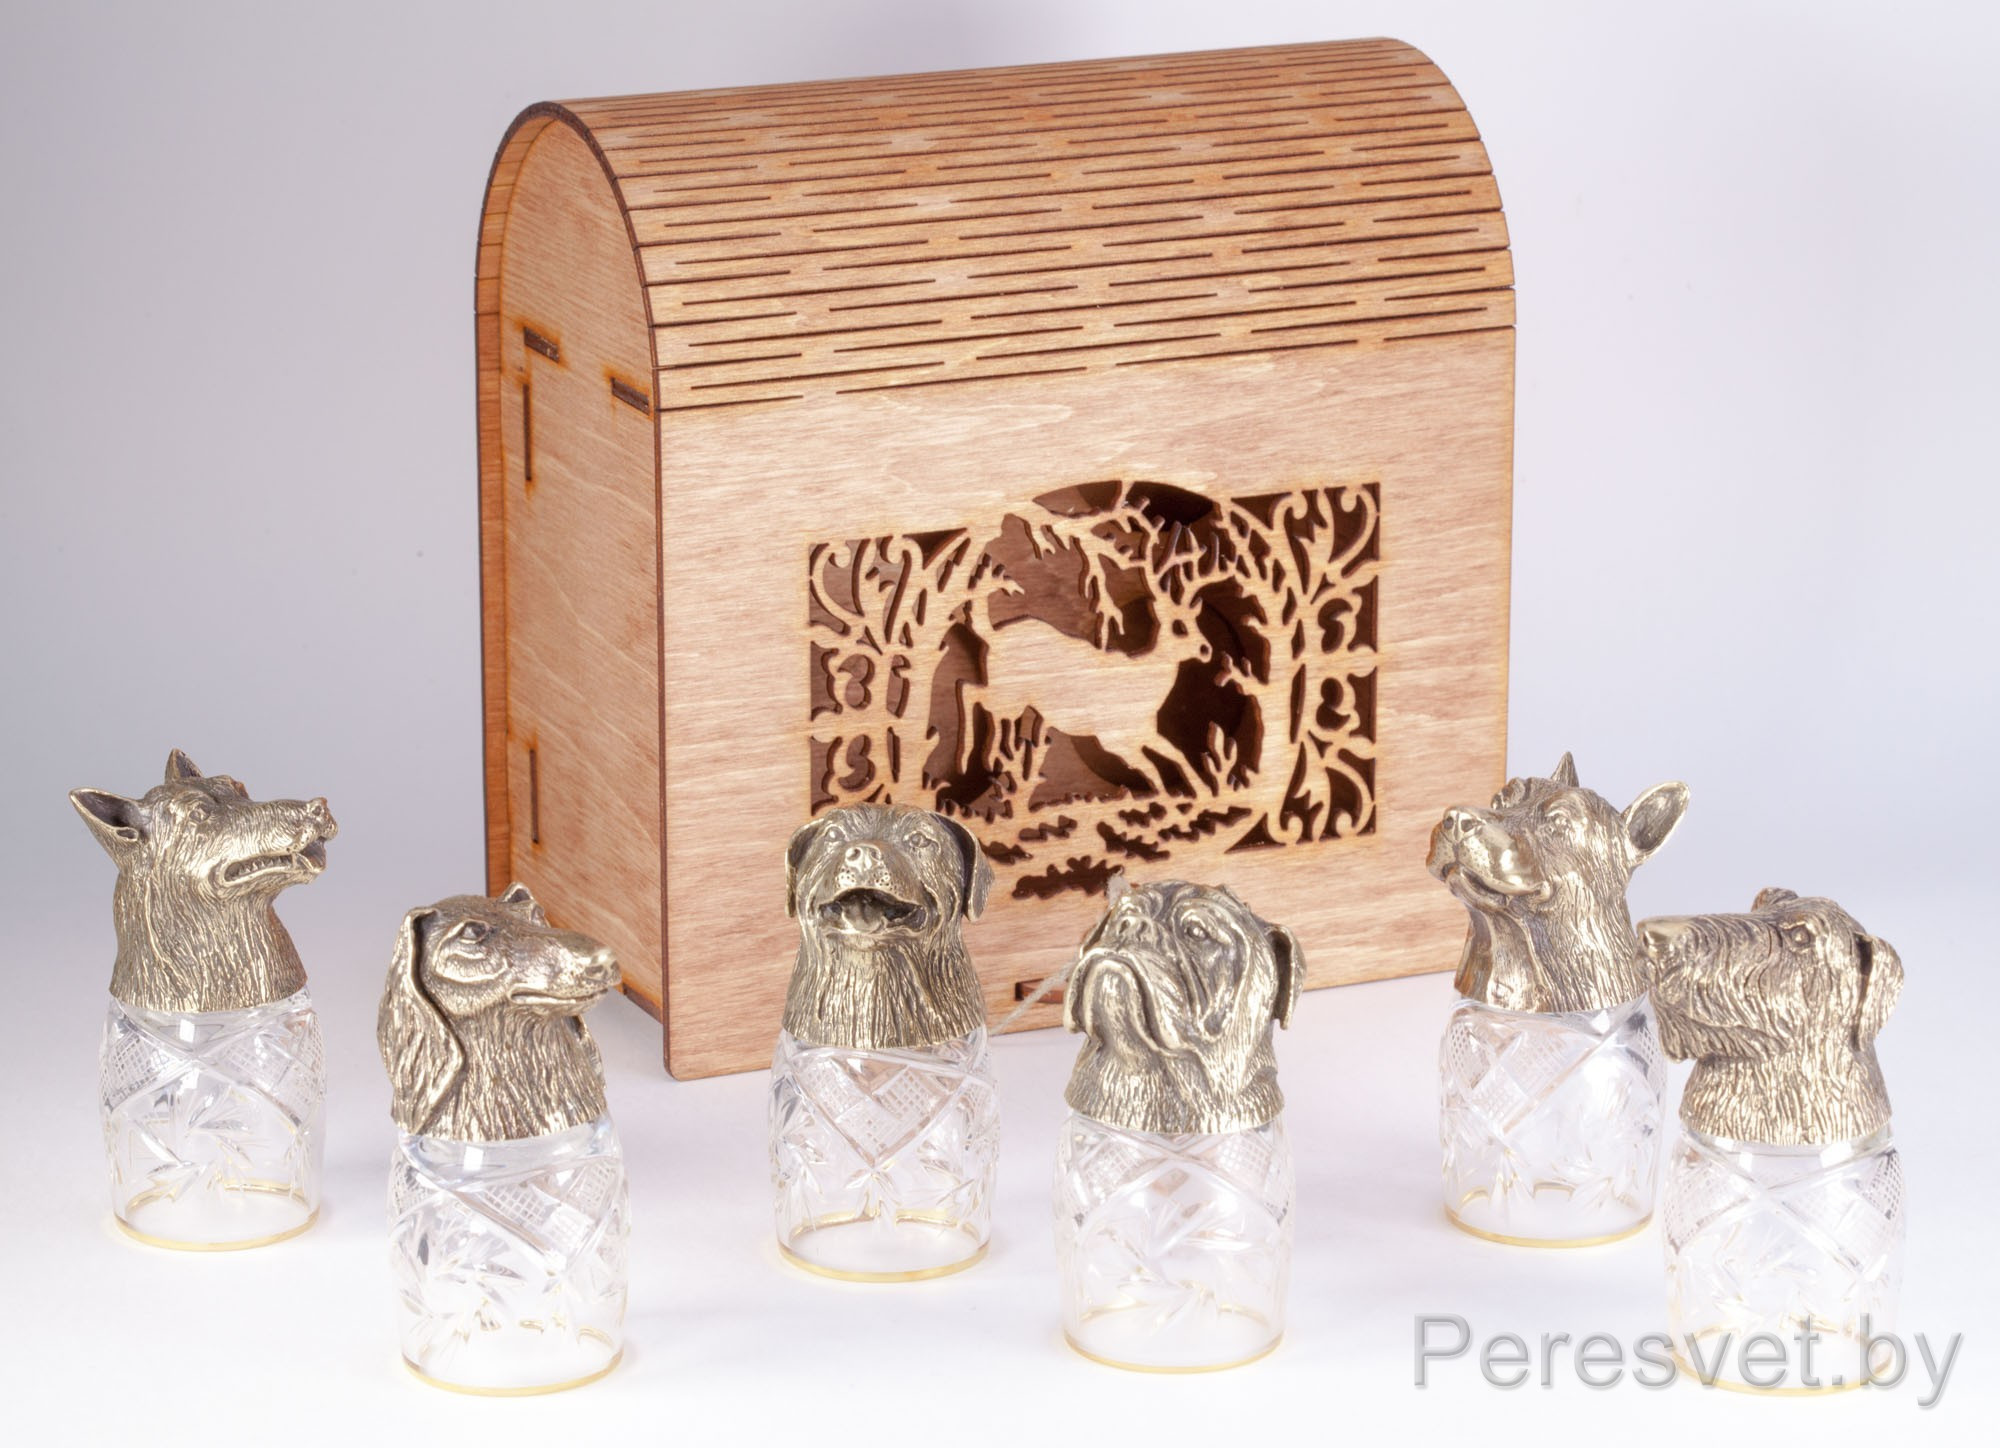 Сундук рюмок с головами животных хрусталь Мангеймское золото на peresvet.by